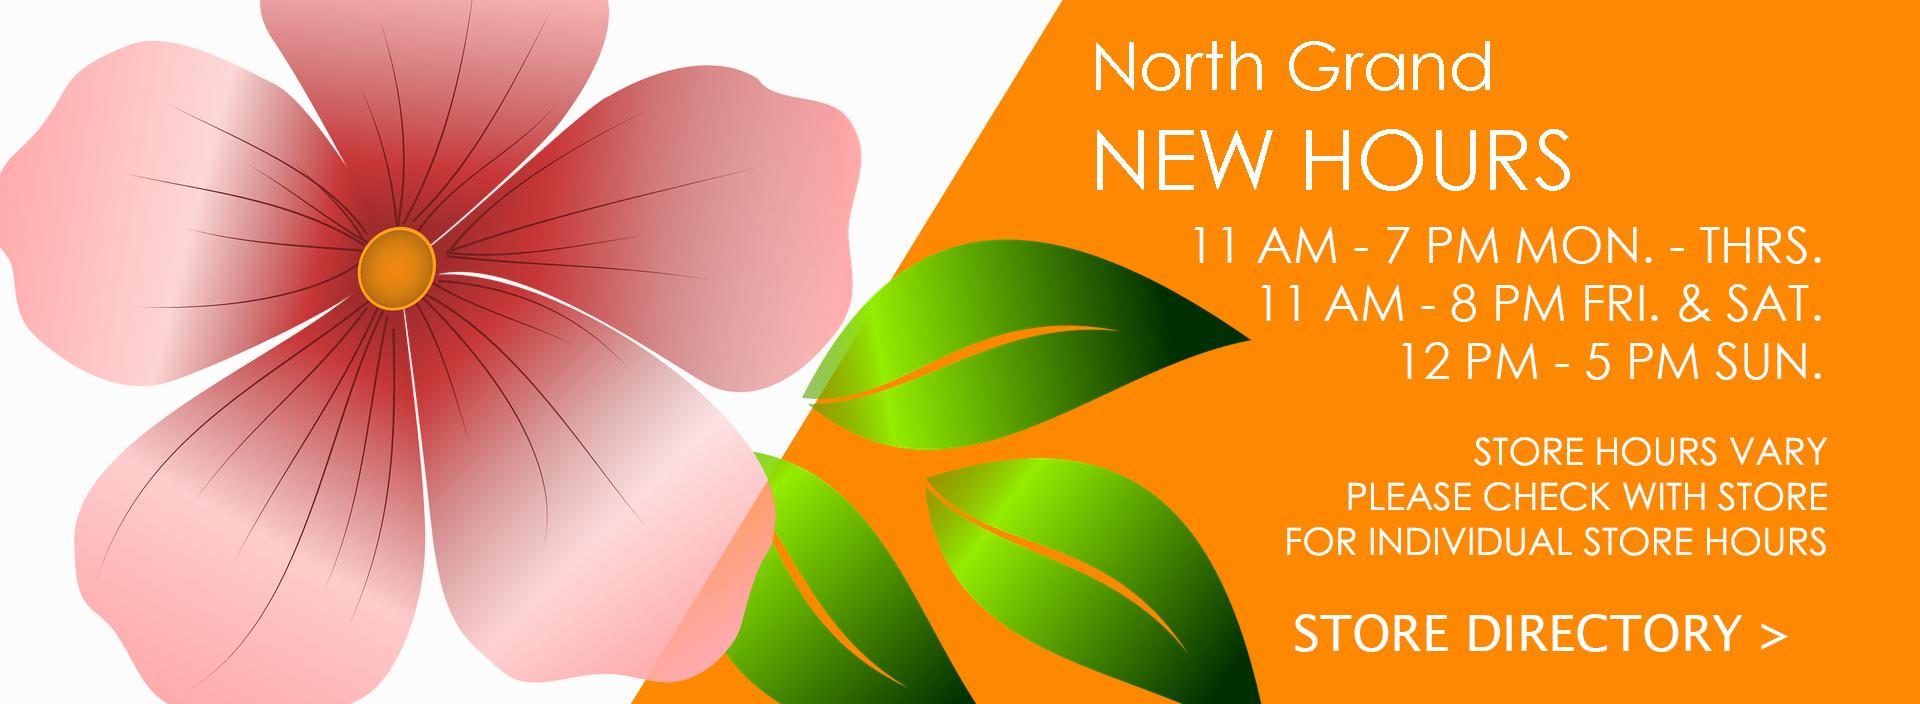 NGM-Slider NG NEW HOURS JULY 2021